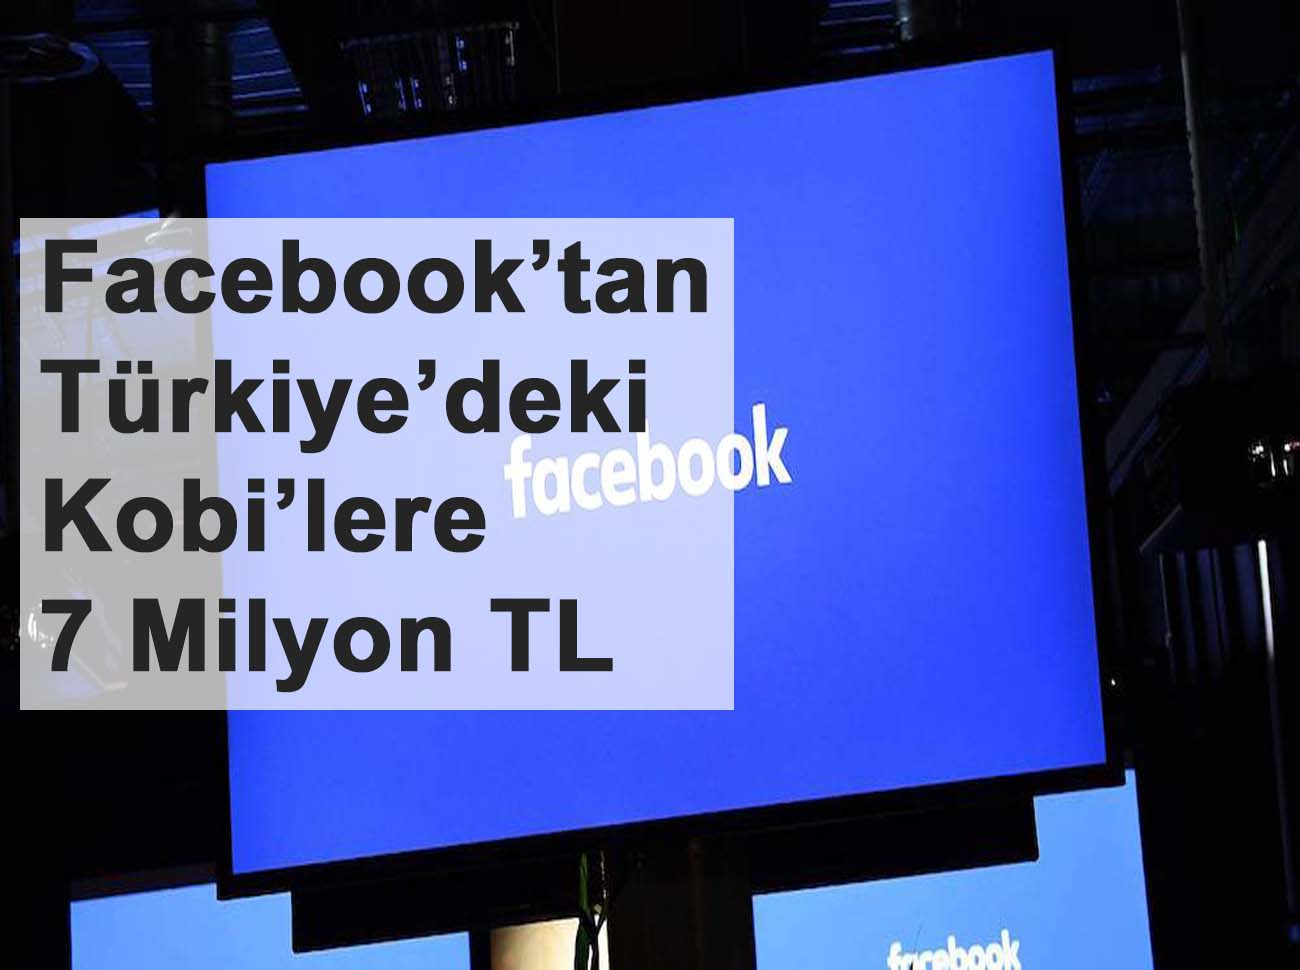 Facebook'tan Türkiye'deki Kobi'lere 7 Milyon TL Destek